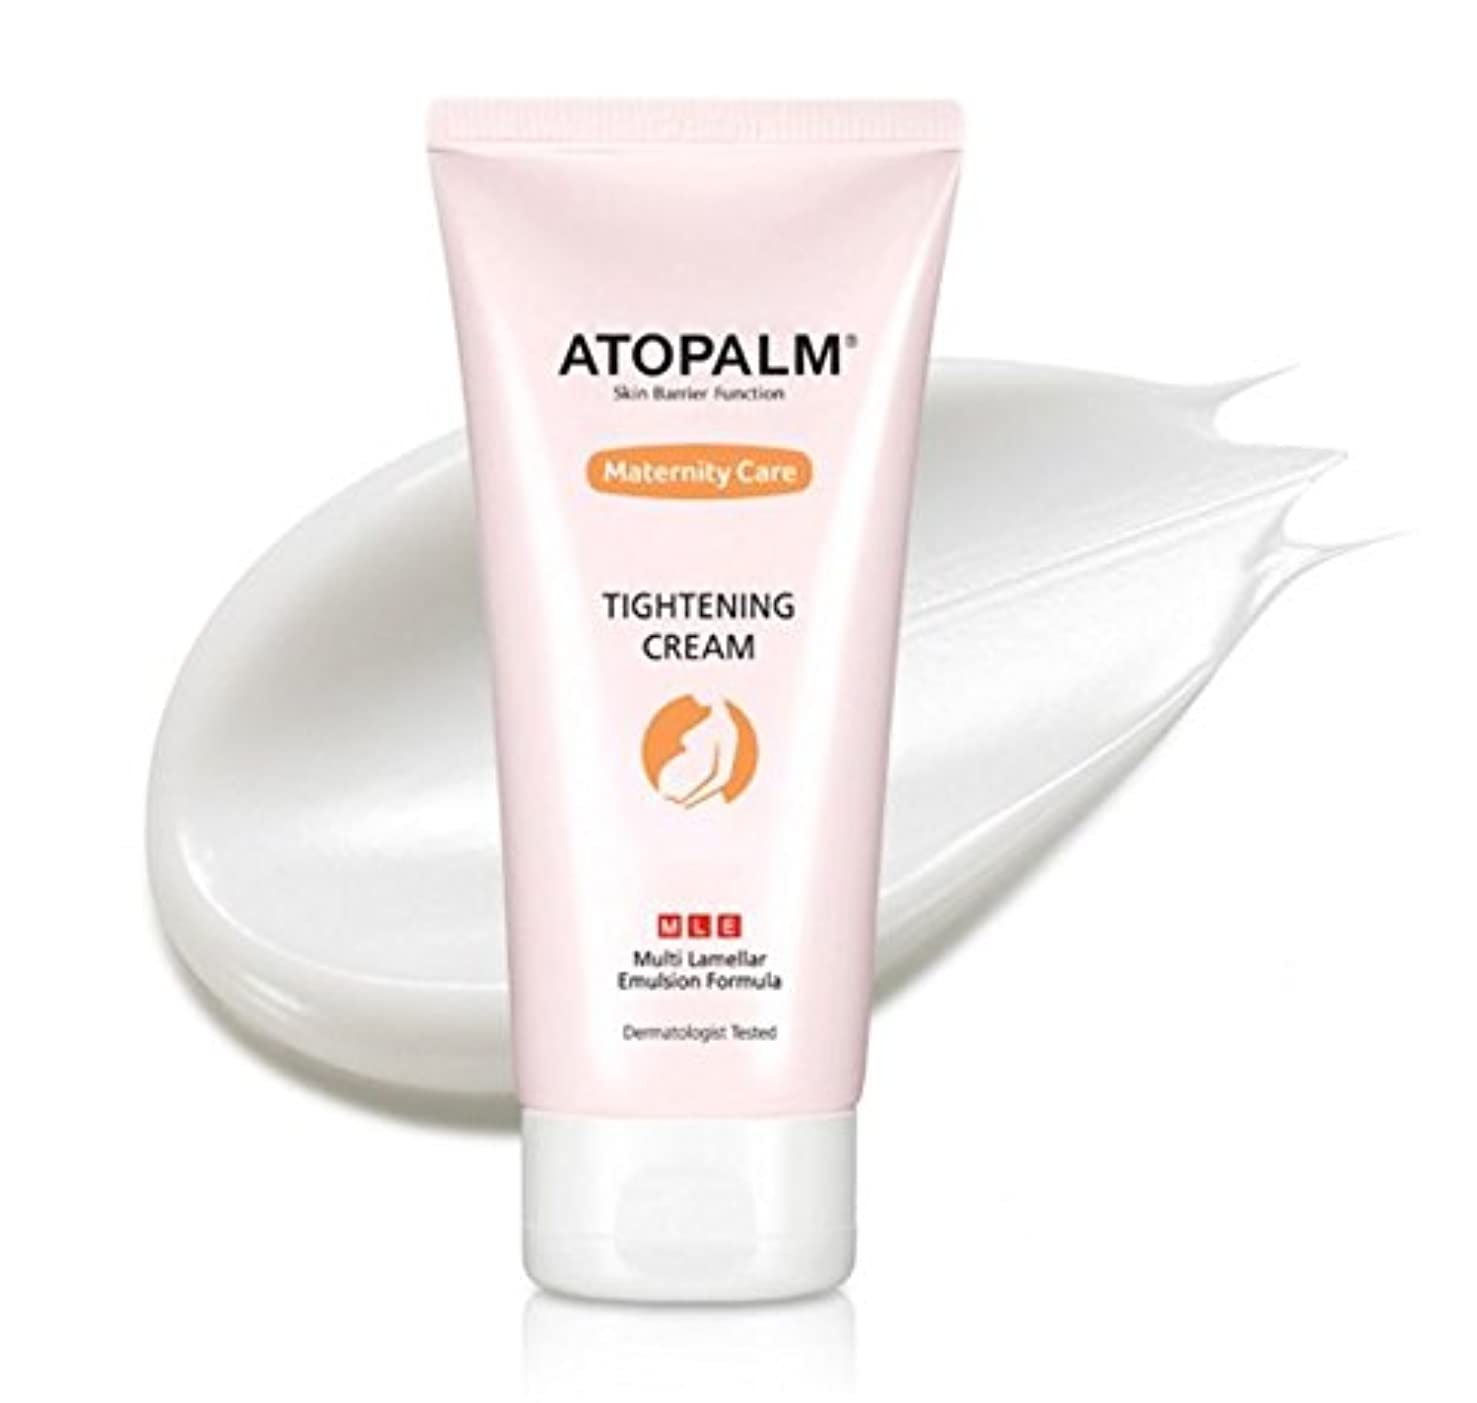 未払いお酒見つけるATOPALM Maternity Care Tightening Cream 150ml/アトパーム マタニティ ケア タイトニング クリーム 150ml [並行輸入品]